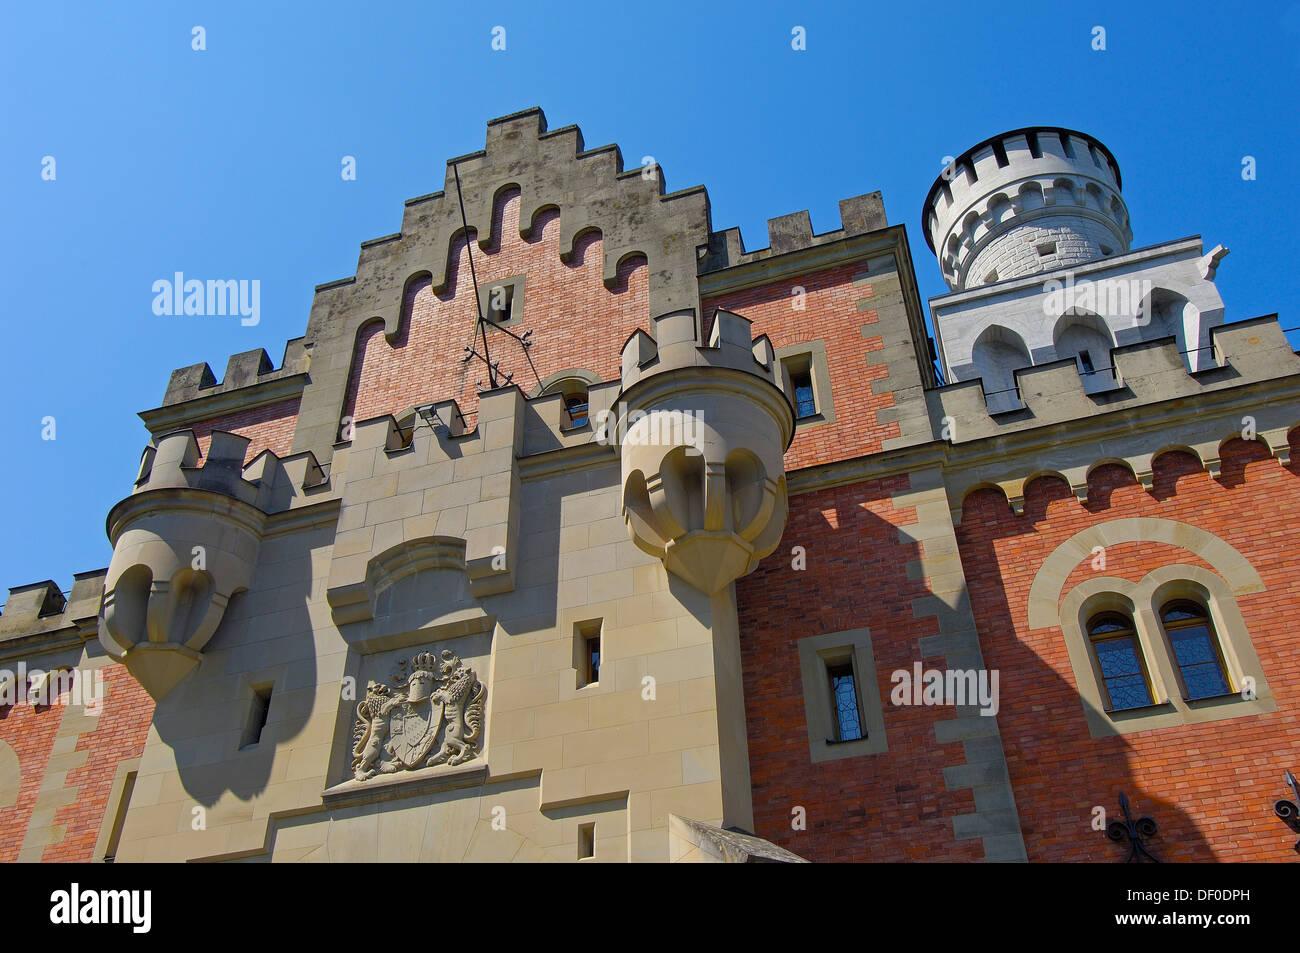 Neuschwanstein Castle; Schloss Neuschwanstein; Allgau; Fussen; Allgaeu; Fuessen; Romantic Road; Romantische Strasse; Bavaria; Ge - Stock Image